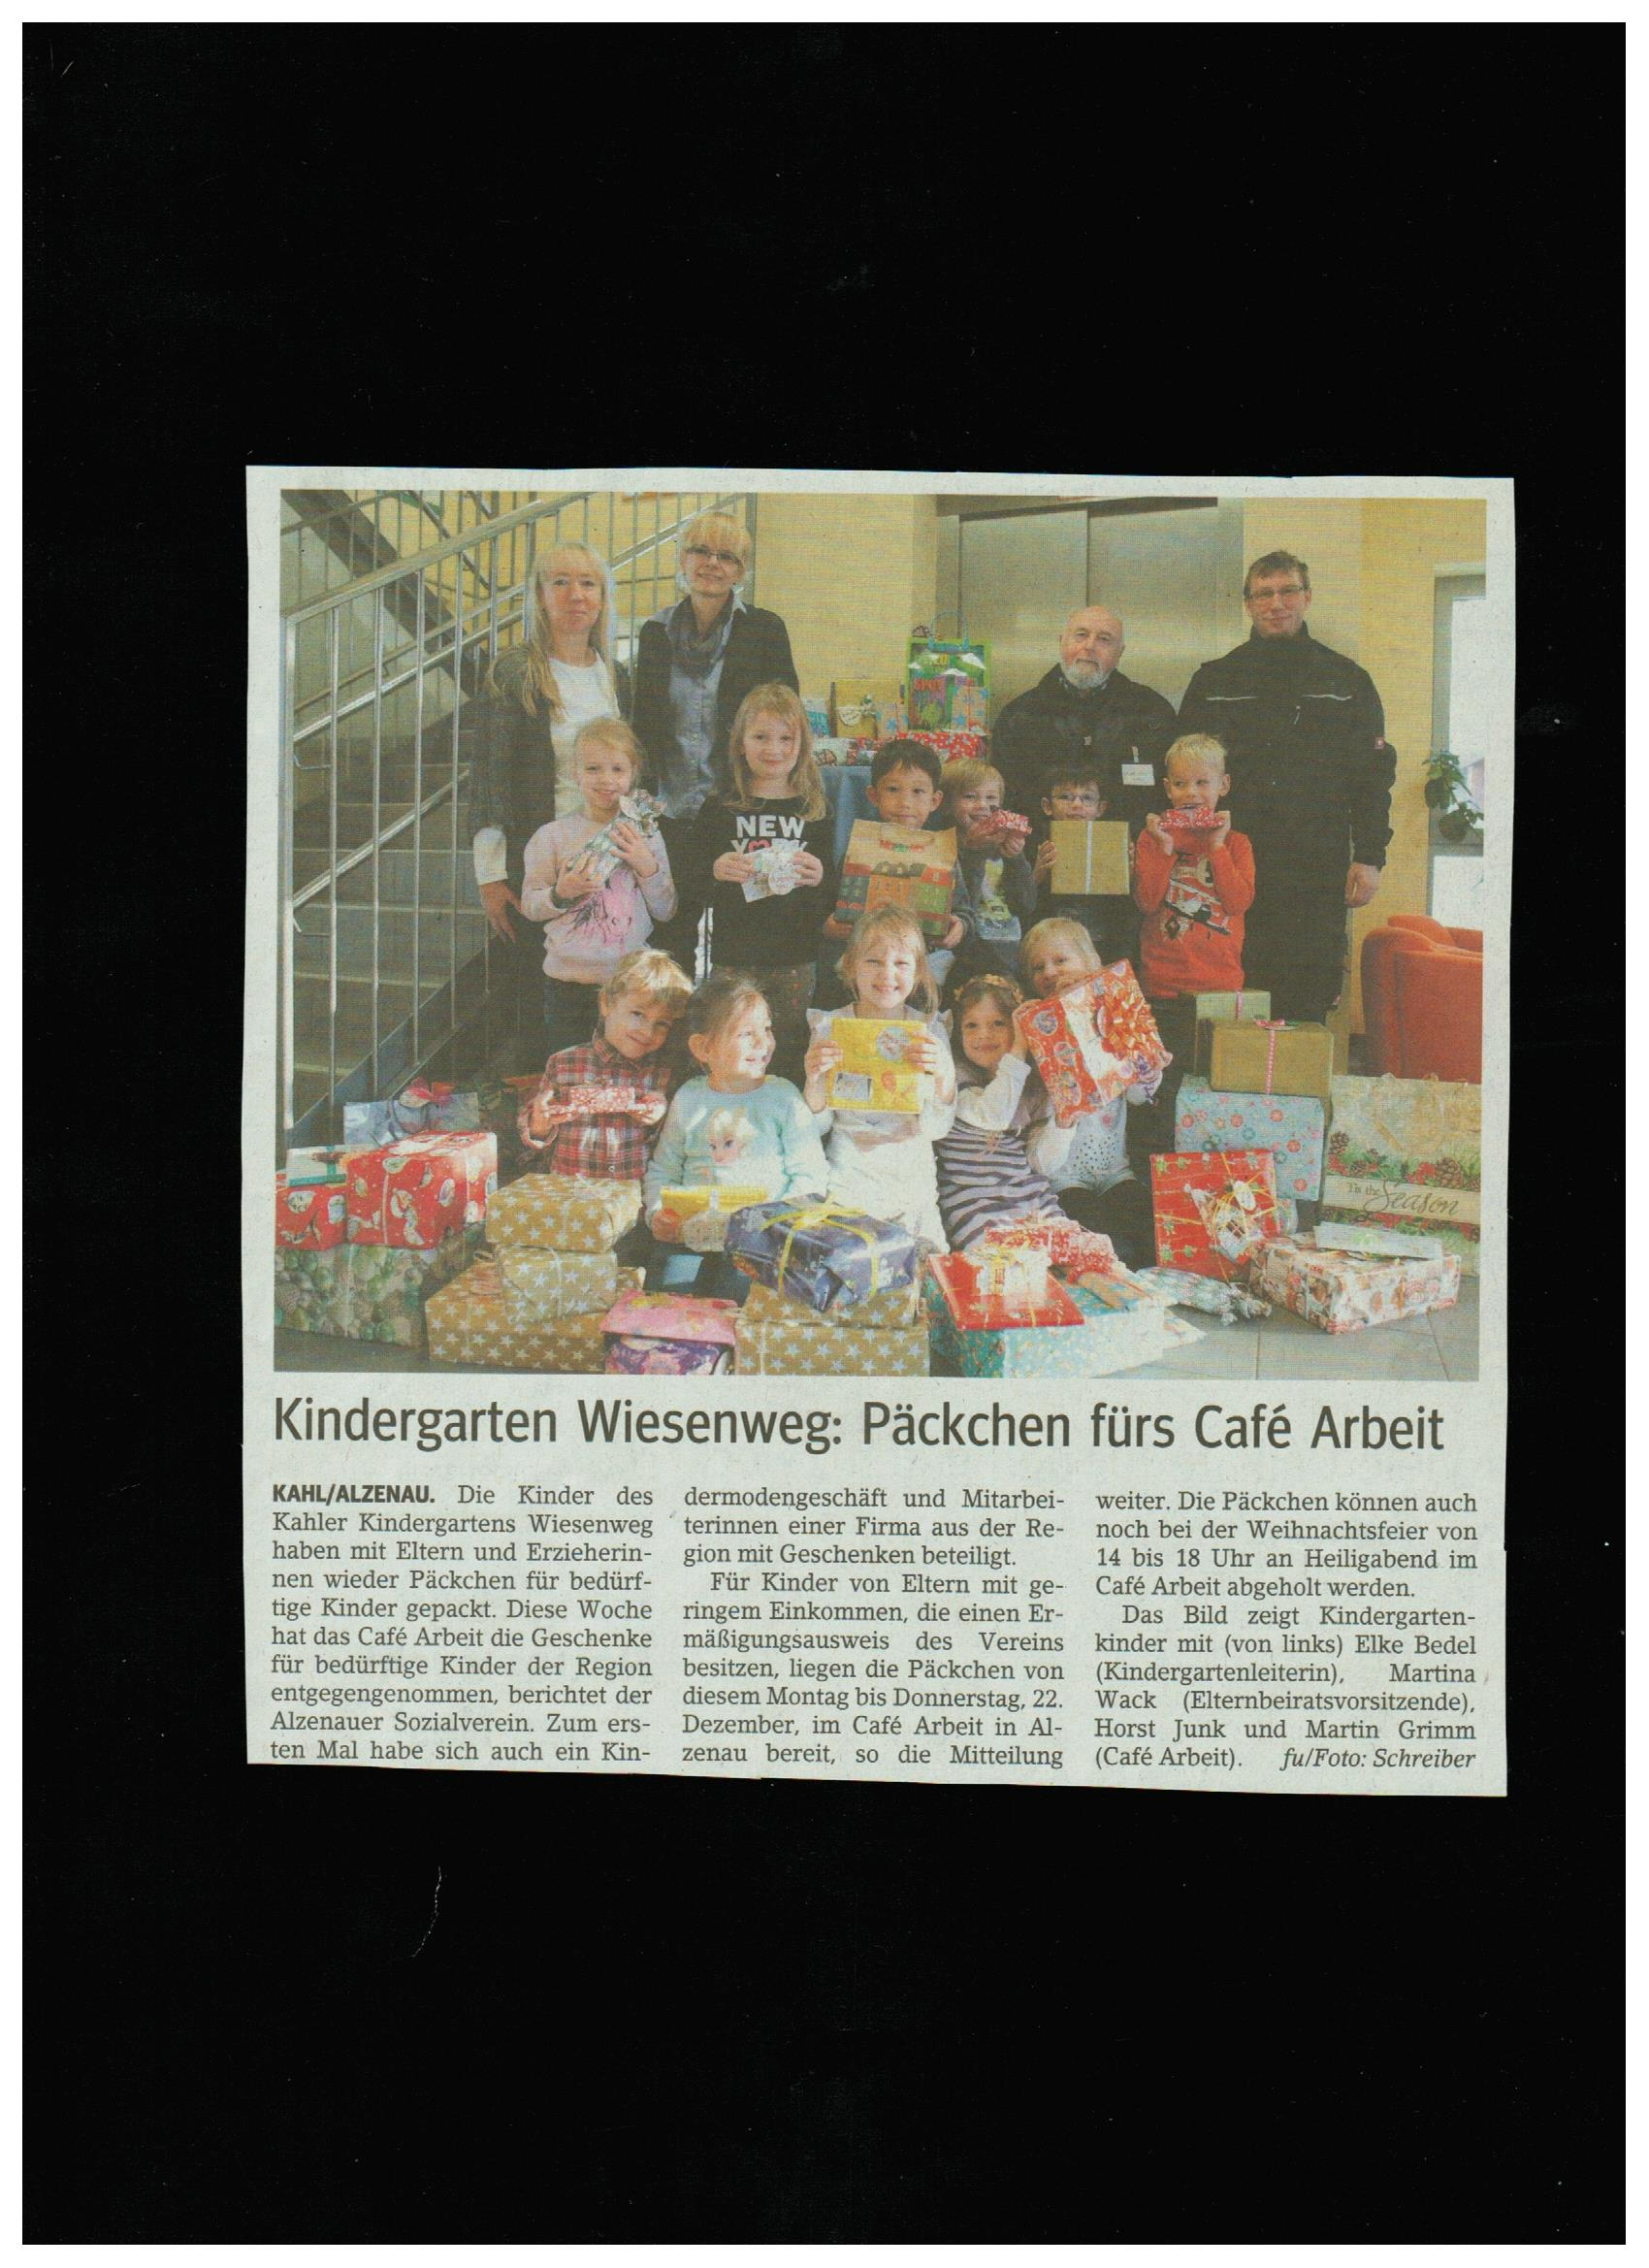 2016_12_3_4_kindergarten-wiesenweg-paeckchen-fuers-cafe-arbeit_mainecho